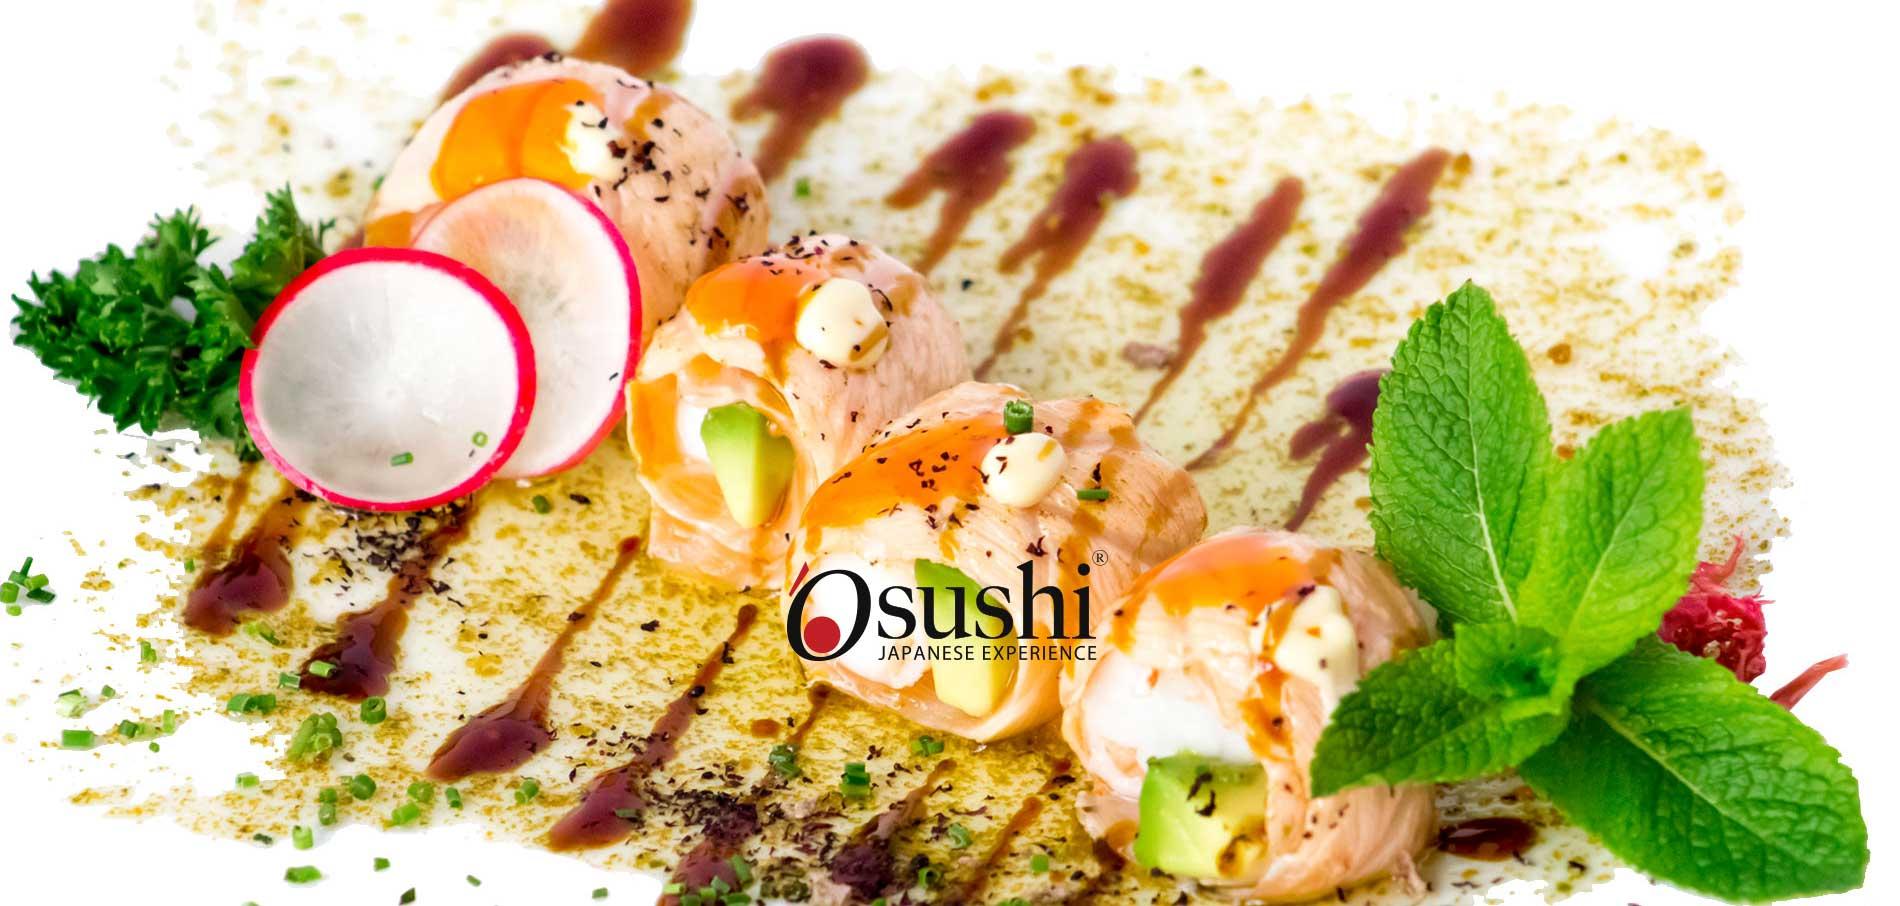 Specialità cucina giapponese a napoli del ristorante Osushi